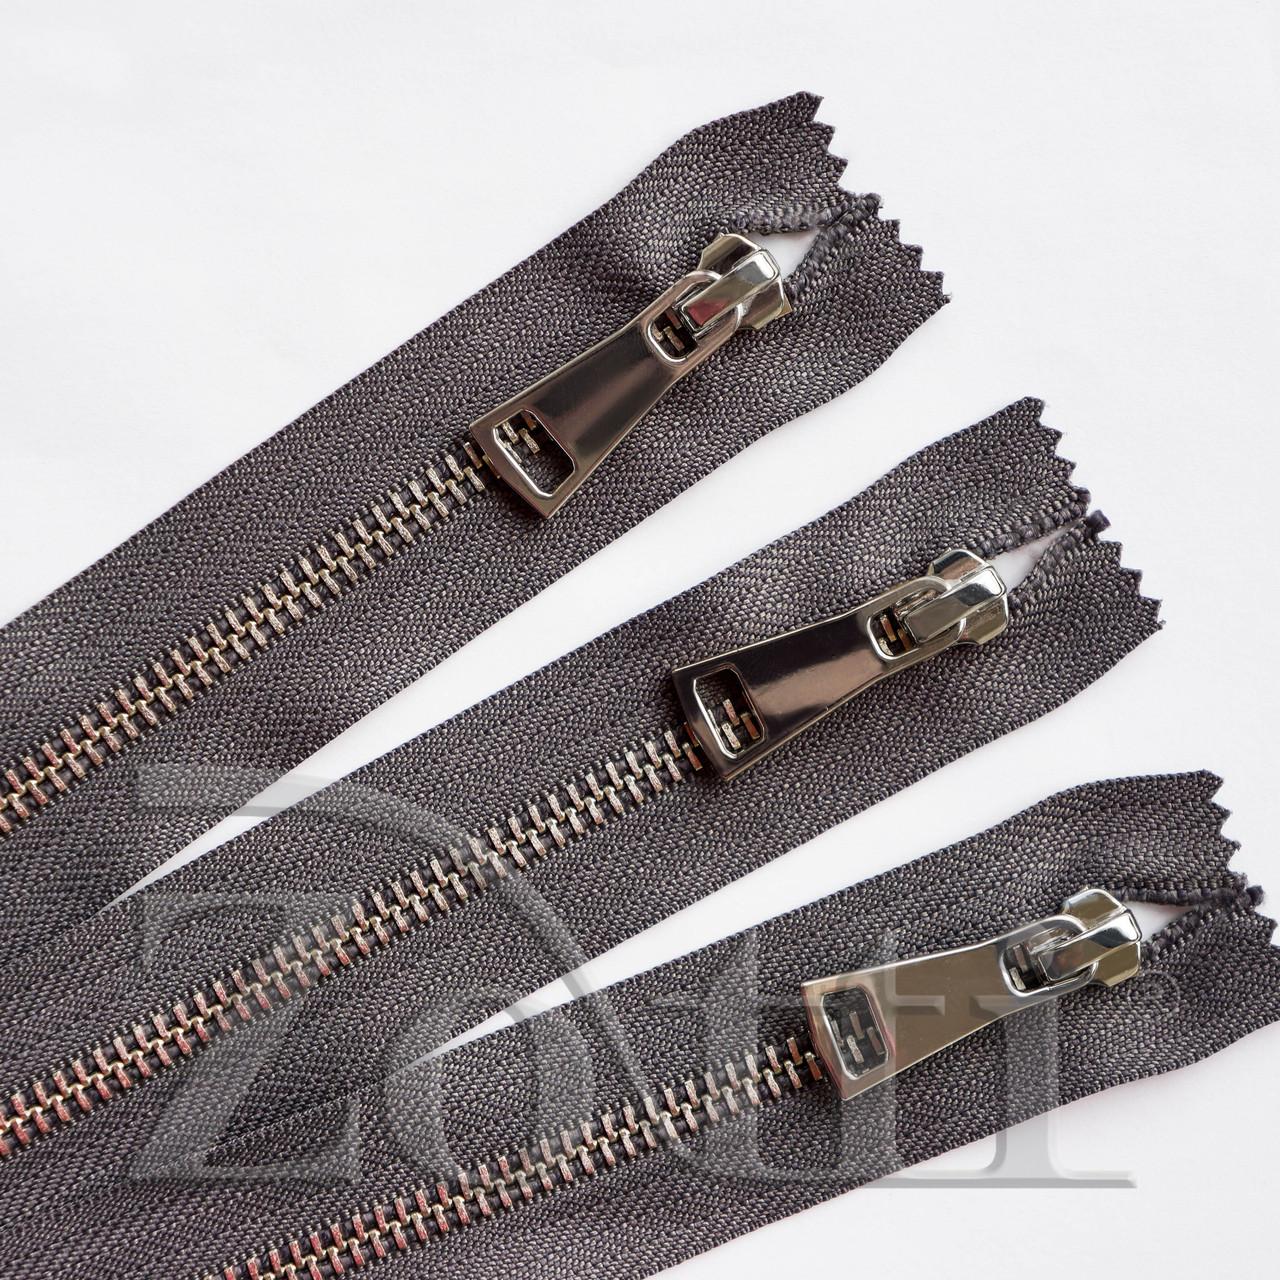 Молния (змейка,застежка) металлическая №5, размерная, обувная, серая, с серебряным бегунком № 115 - 16 см